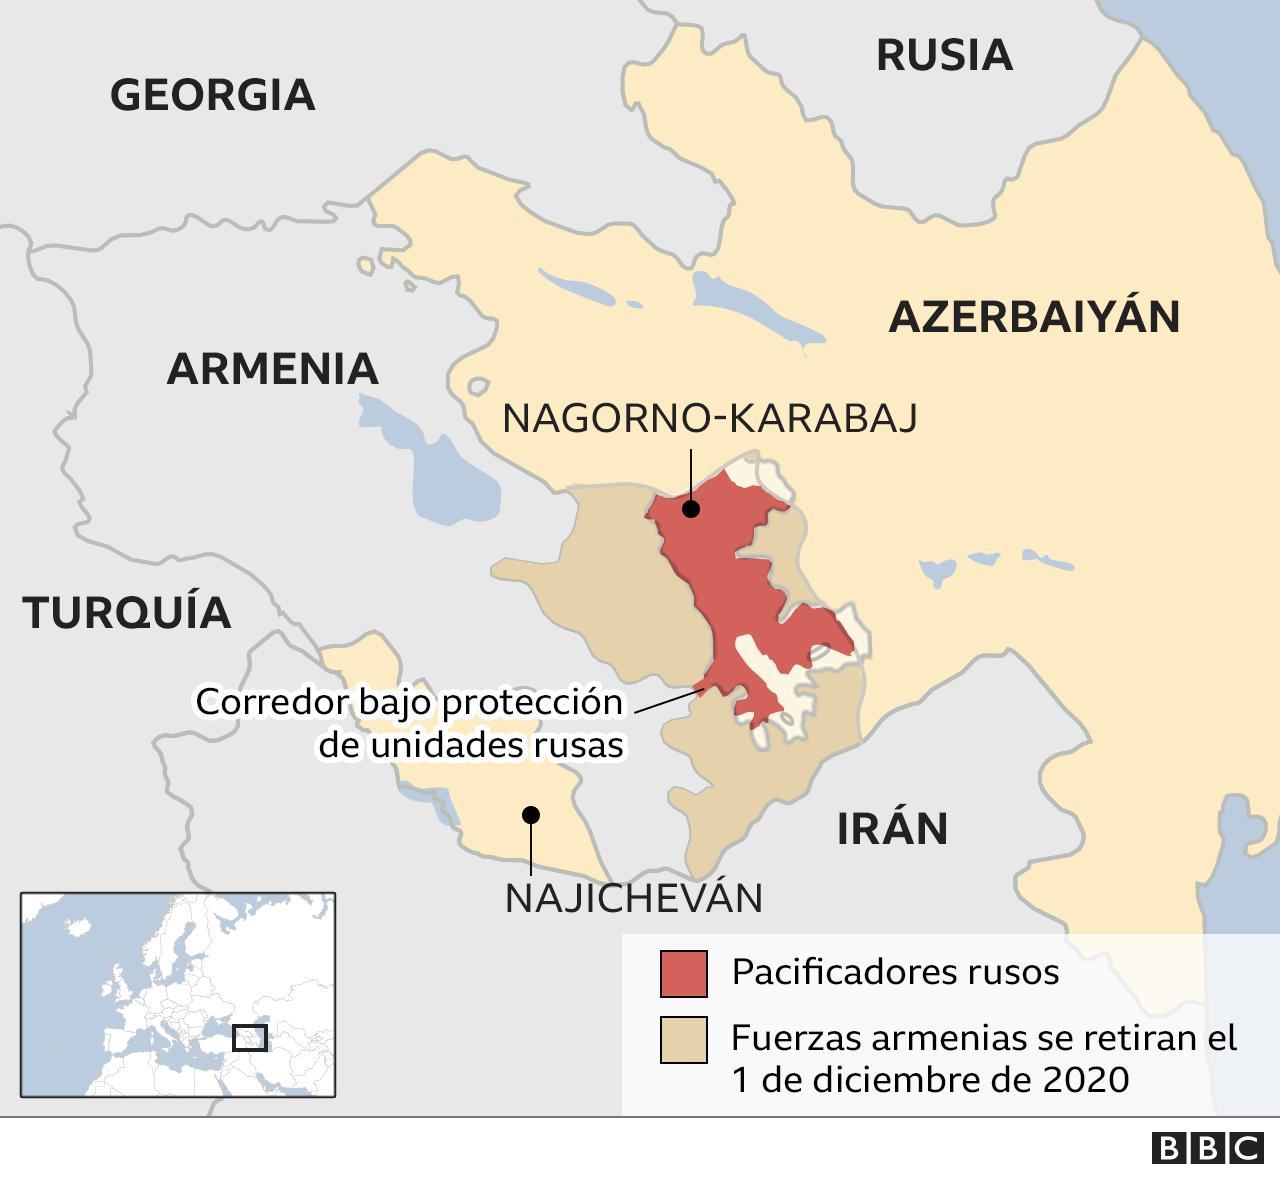 mapa del conflicto en Nagorno Karabaj